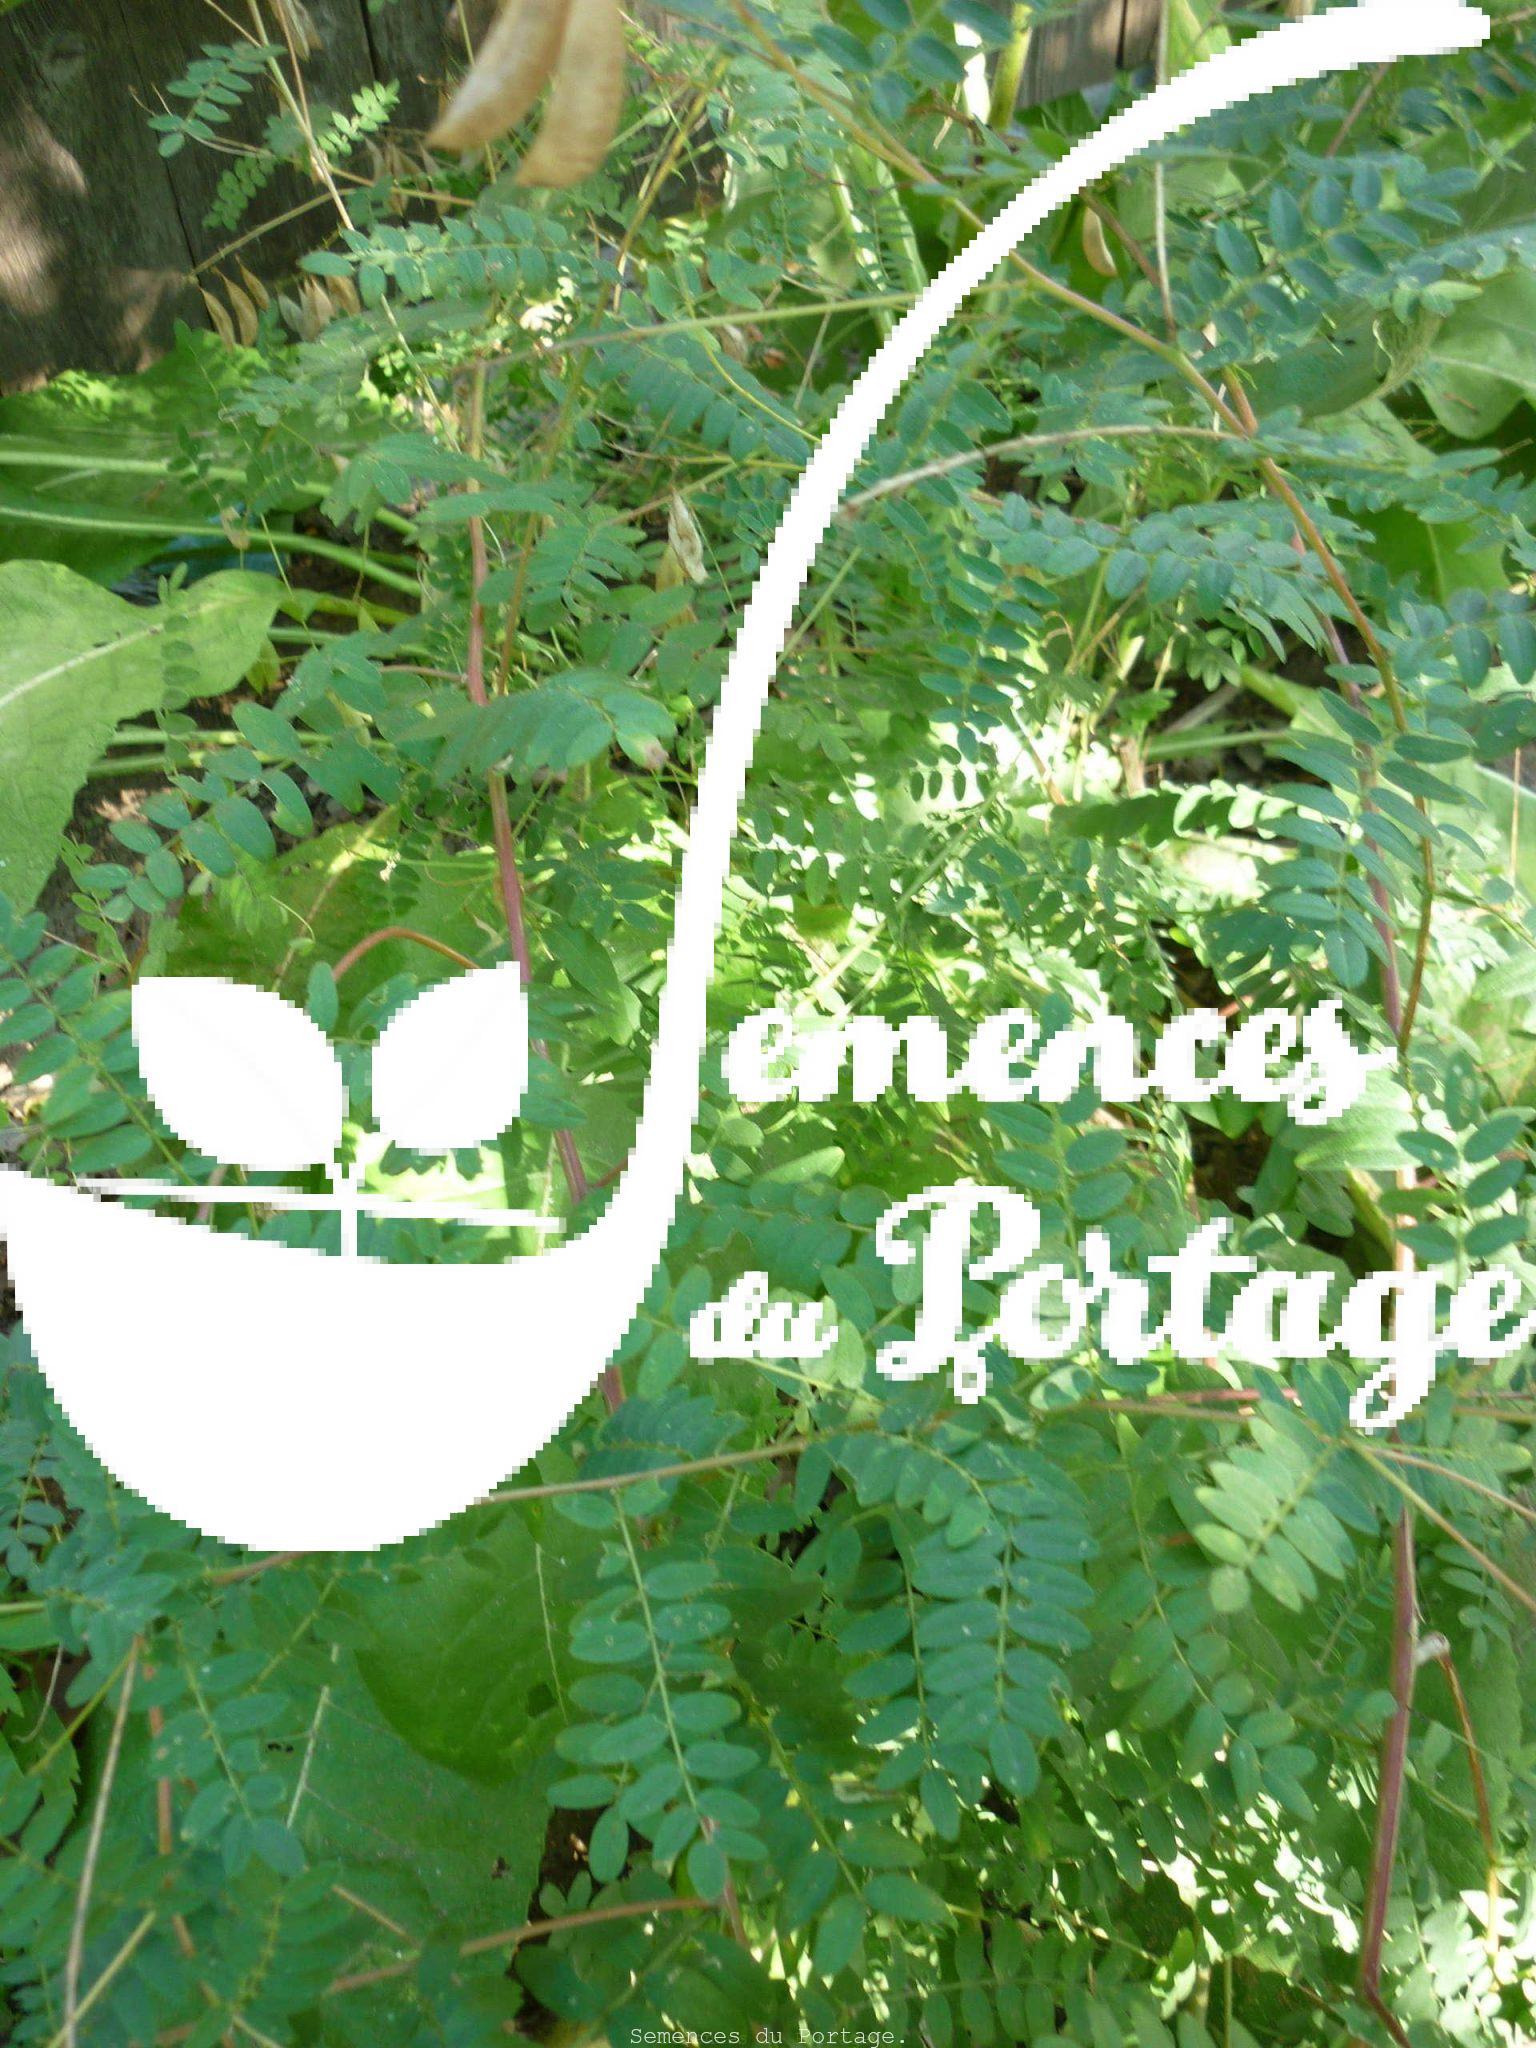 Astragale semences du portage for Commande plante en ligne